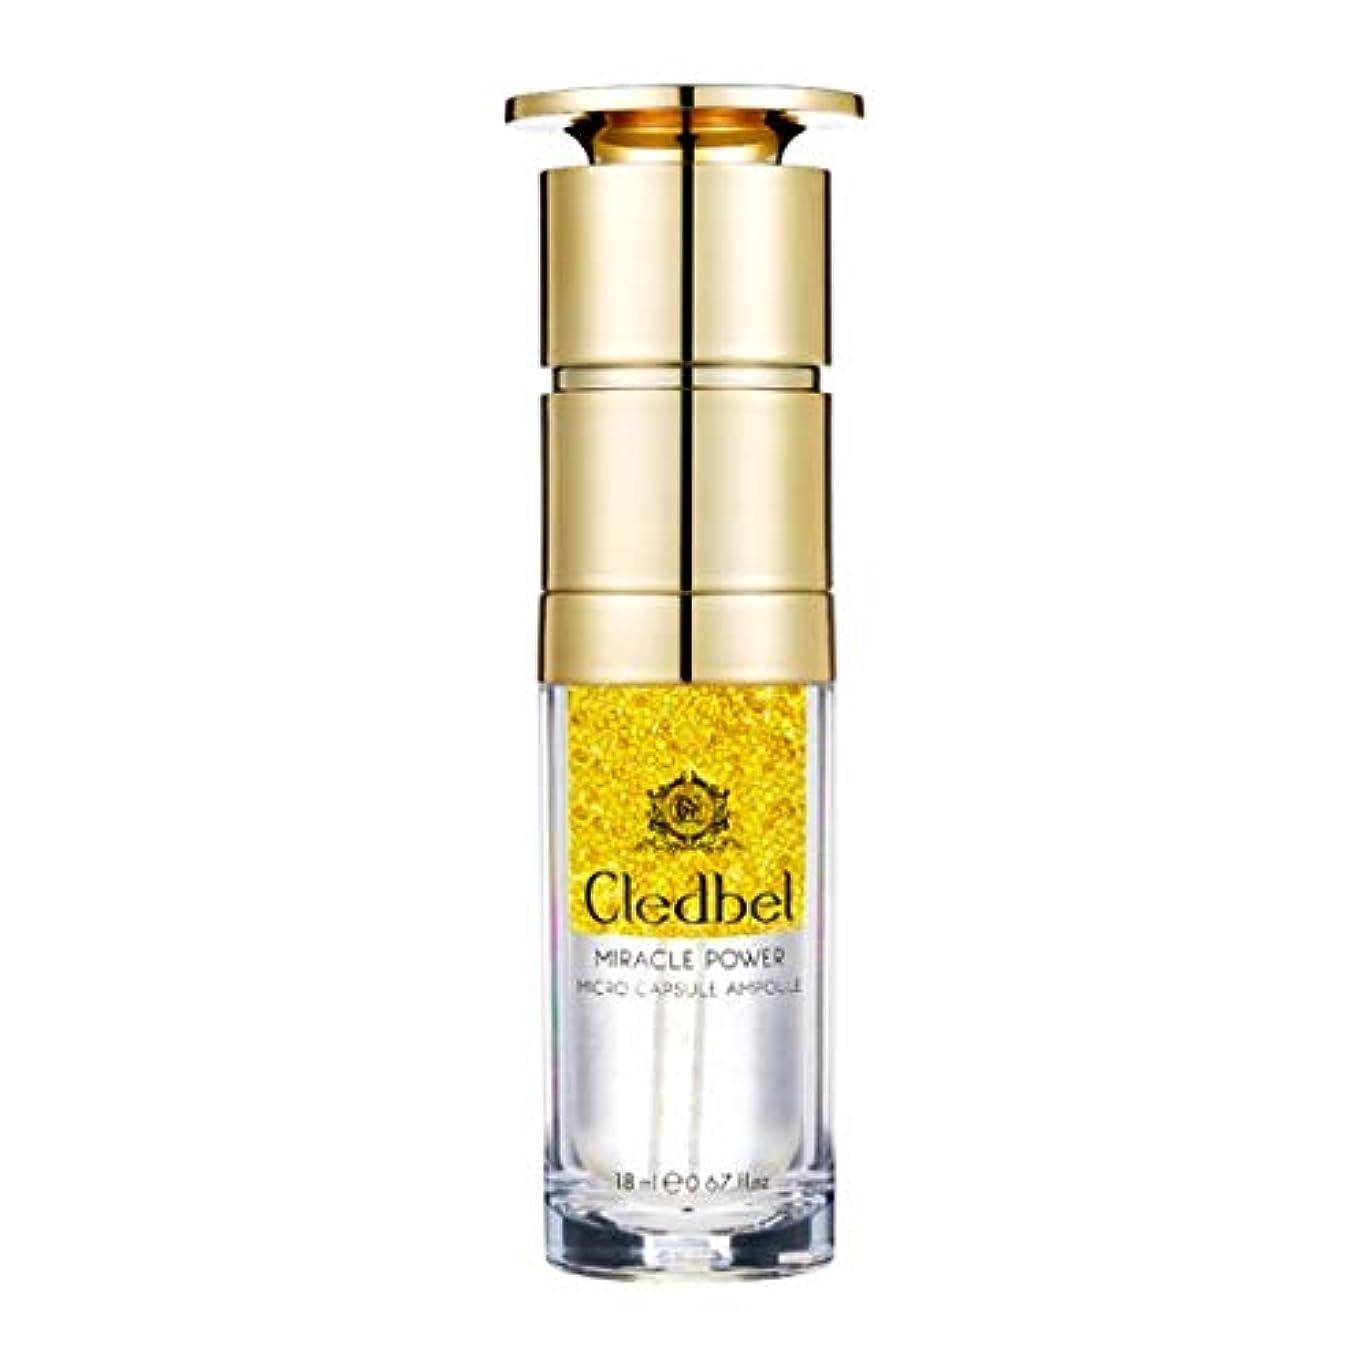 力鈍い反発する[cledbel] Miracle Power Micro Capsule Ampoule 18ml / ミラクルパワーマイクロカプセルアンプル 18ml [並行輸入品]